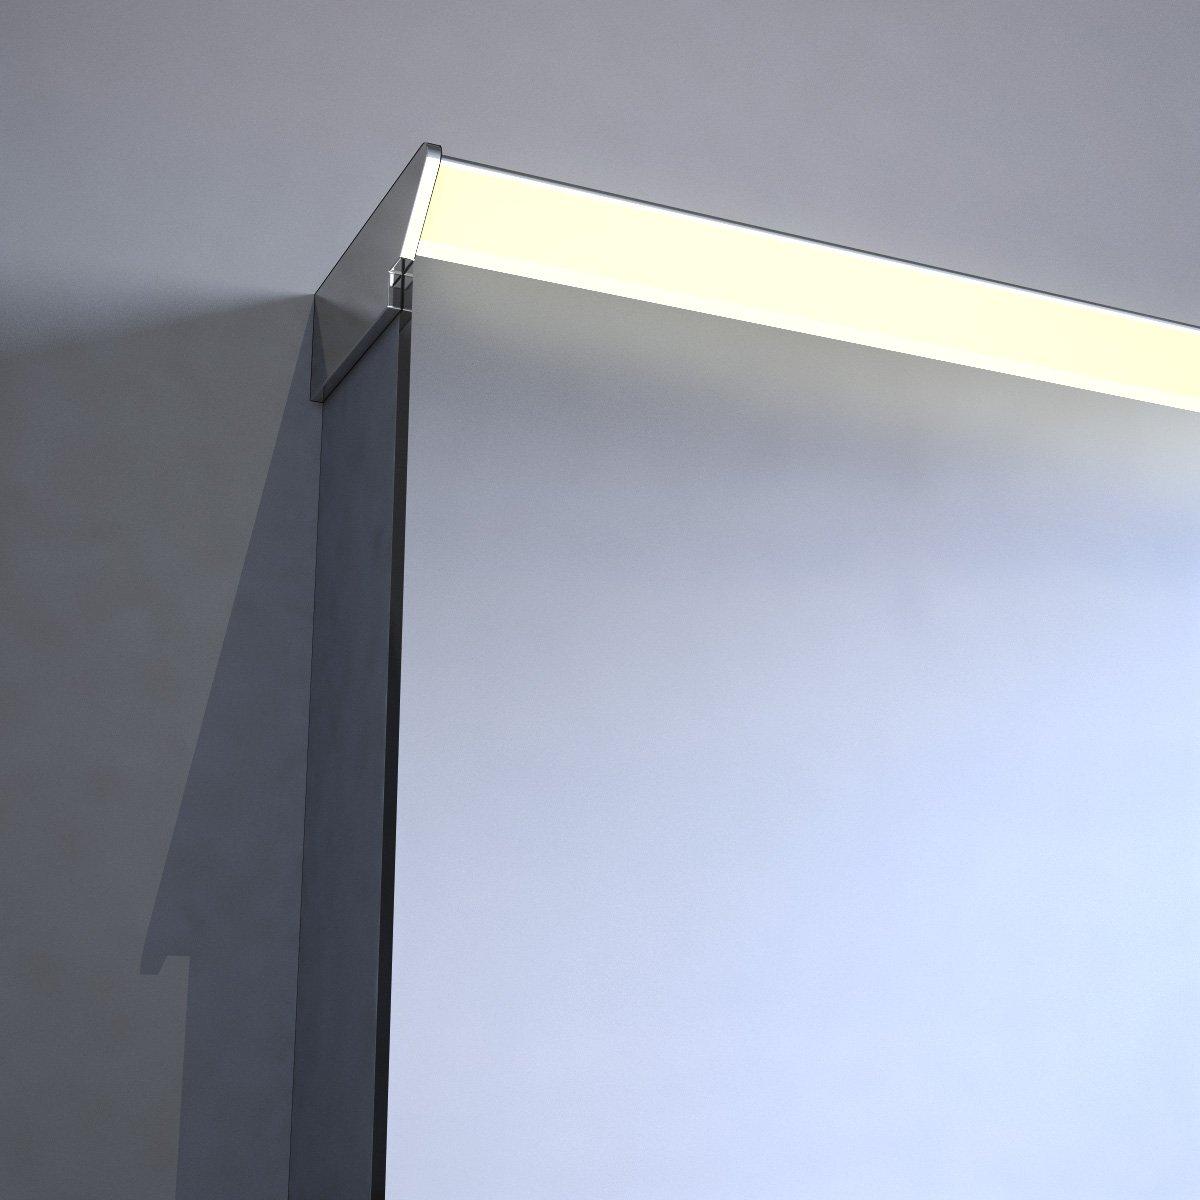 Nieuw model badkamerspiegel met fraaie directe en indirecte verlichting en verwarming 100 cm - Spiegel tv badkamer ...